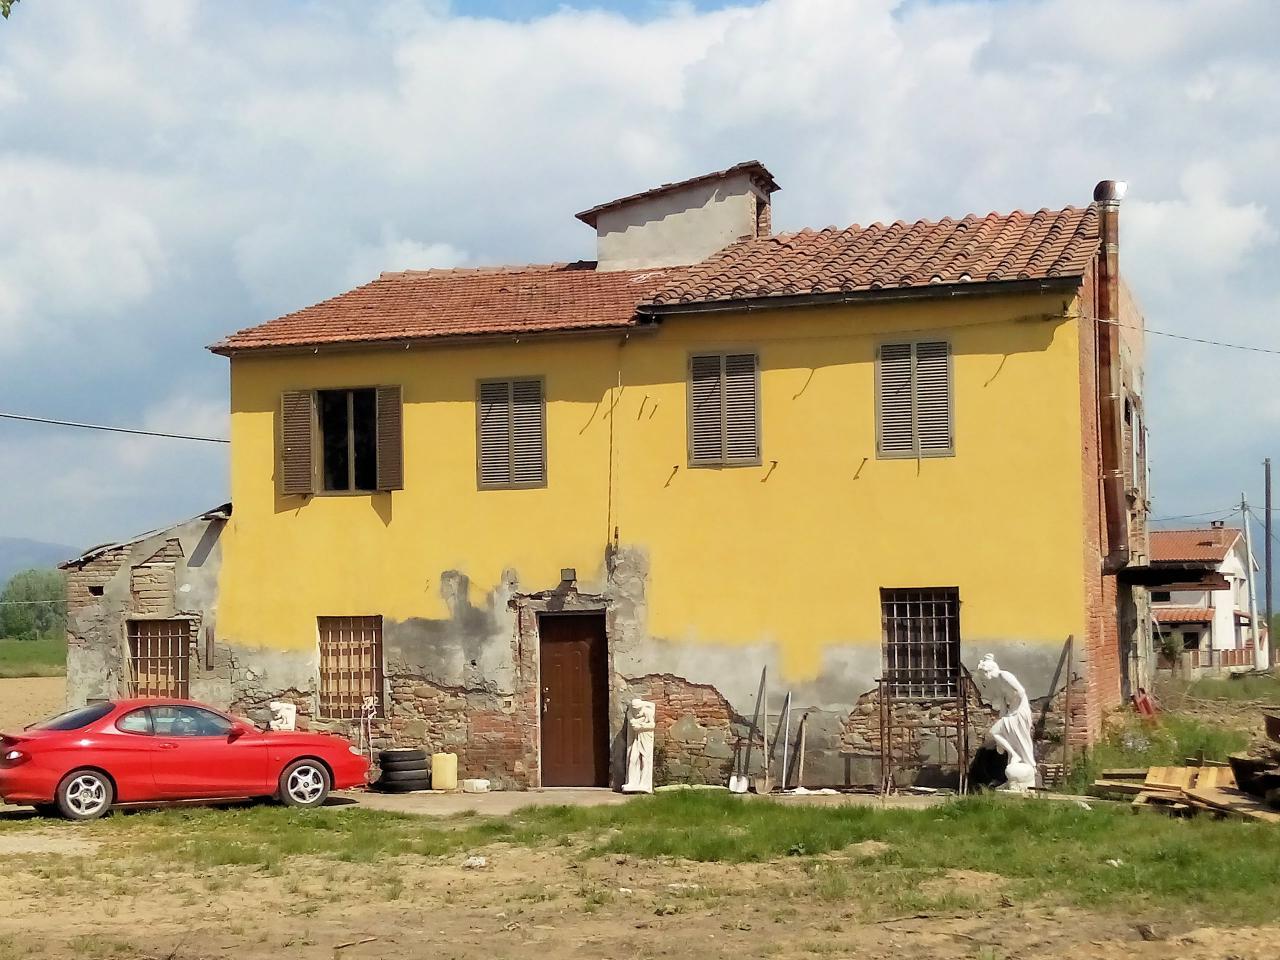 Rustico / Casale in vendita a Altopascio, 8 locali, zona Zona: Spianate, prezzo € 100.000   Cambio Casa.it